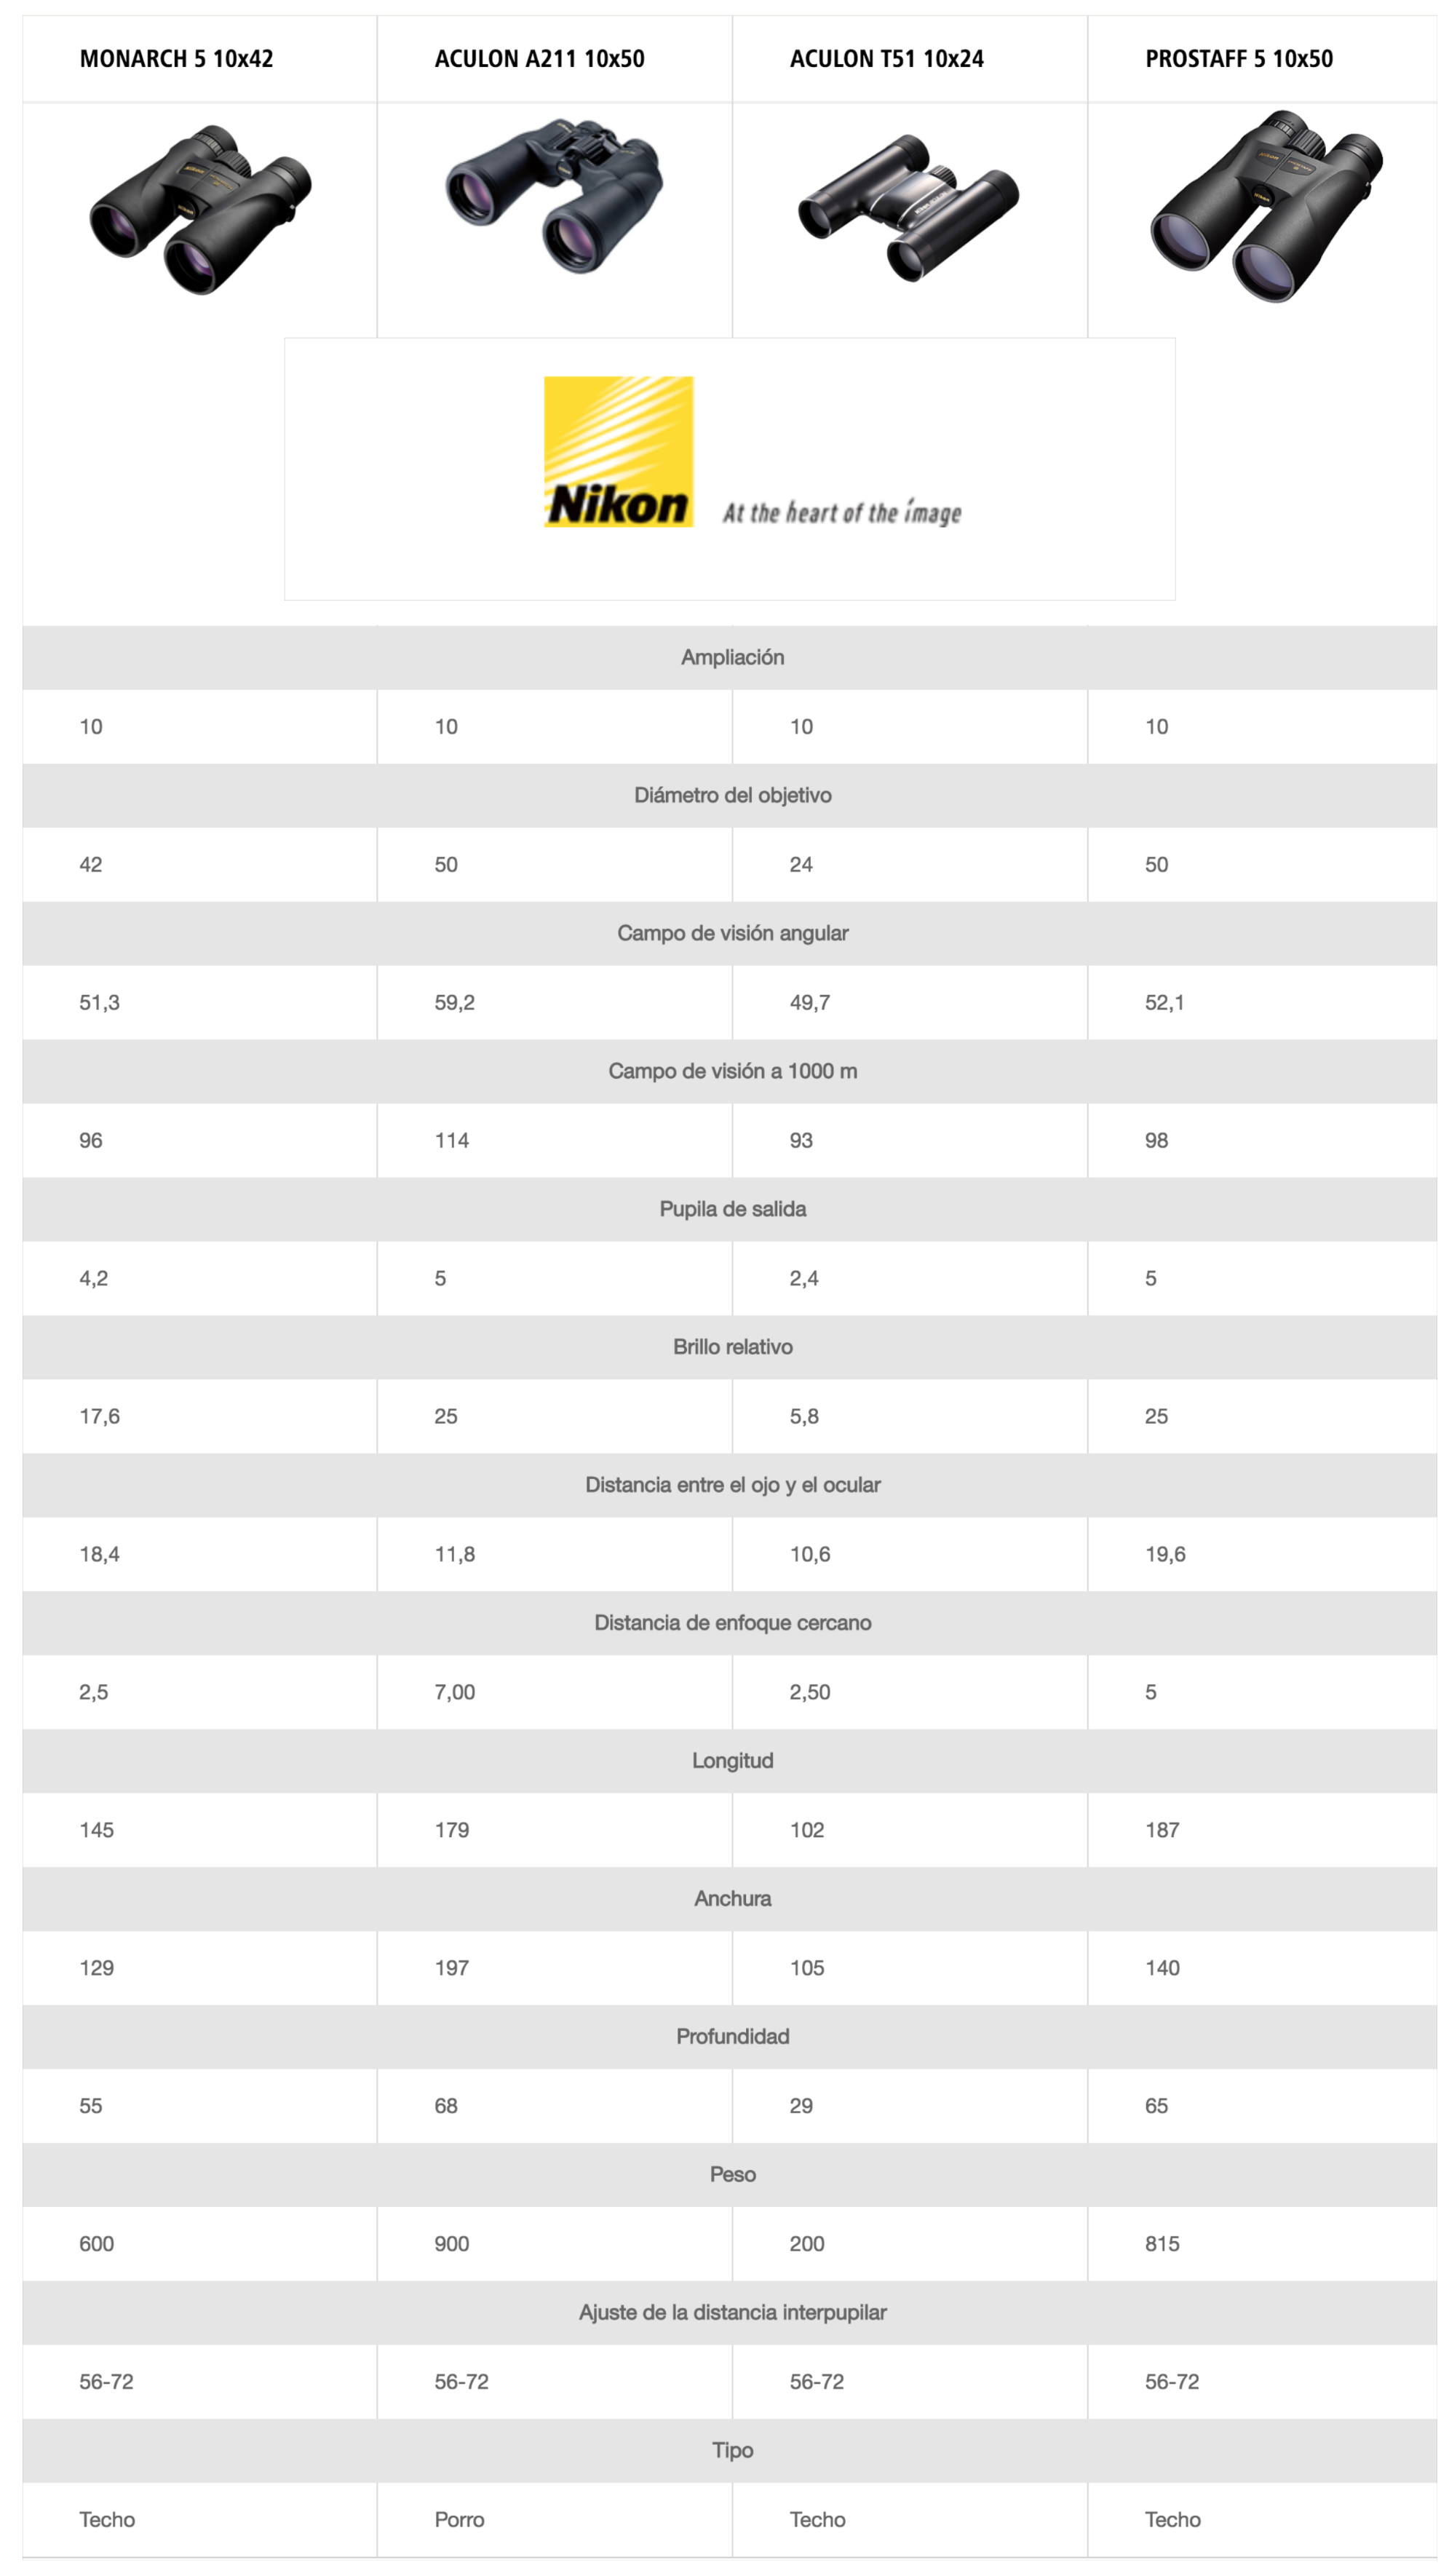 tabla comparativa modelos Nikon